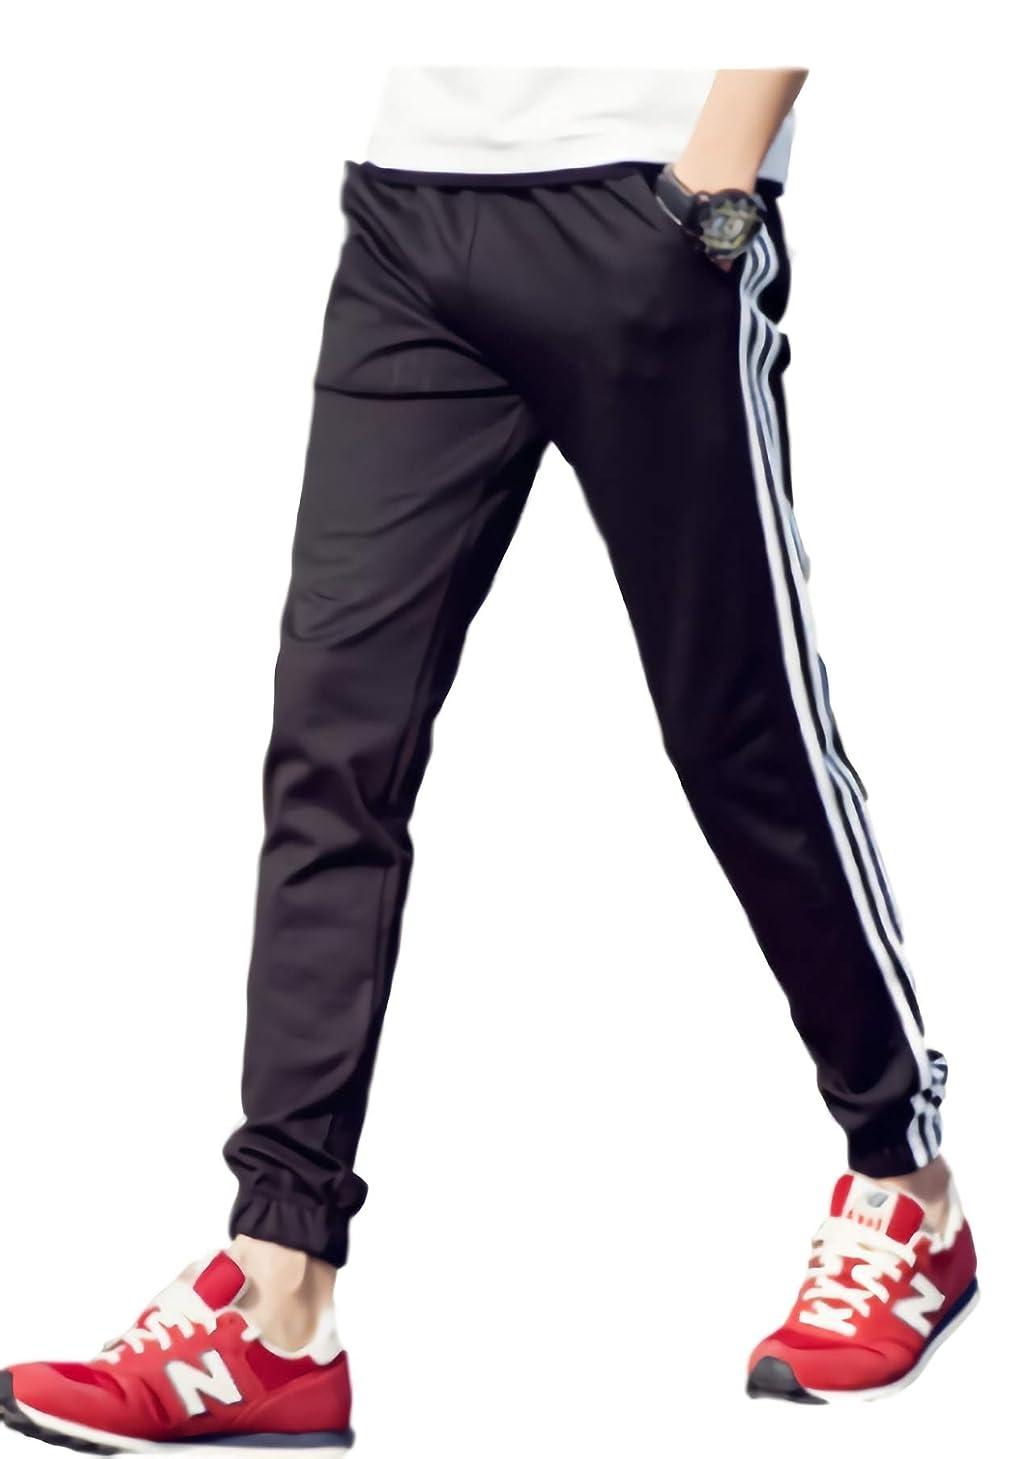 精査する慣らすスキル[パリド] サイド ライン スウェット パンツ ストリート ズボン ジャージ S ~ 6XL メンズ